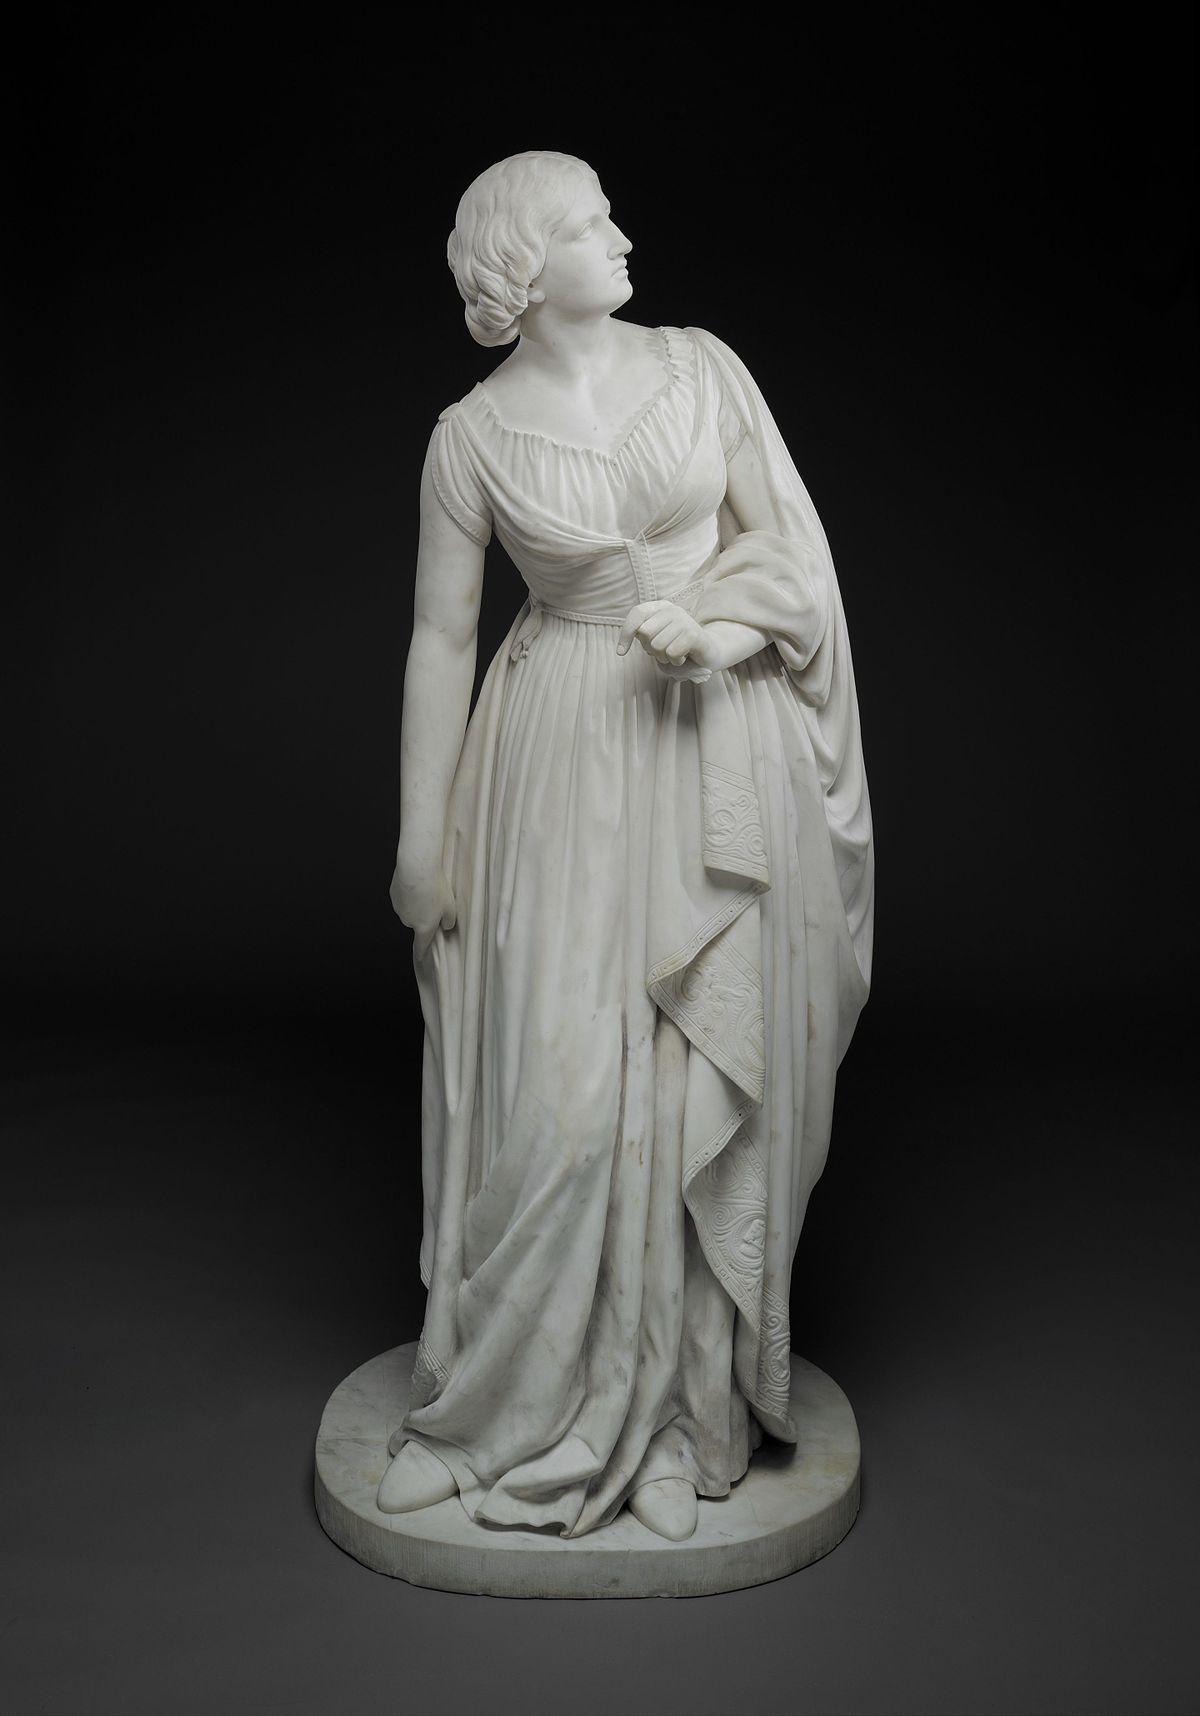 lady godiva in popular culture wikipedia